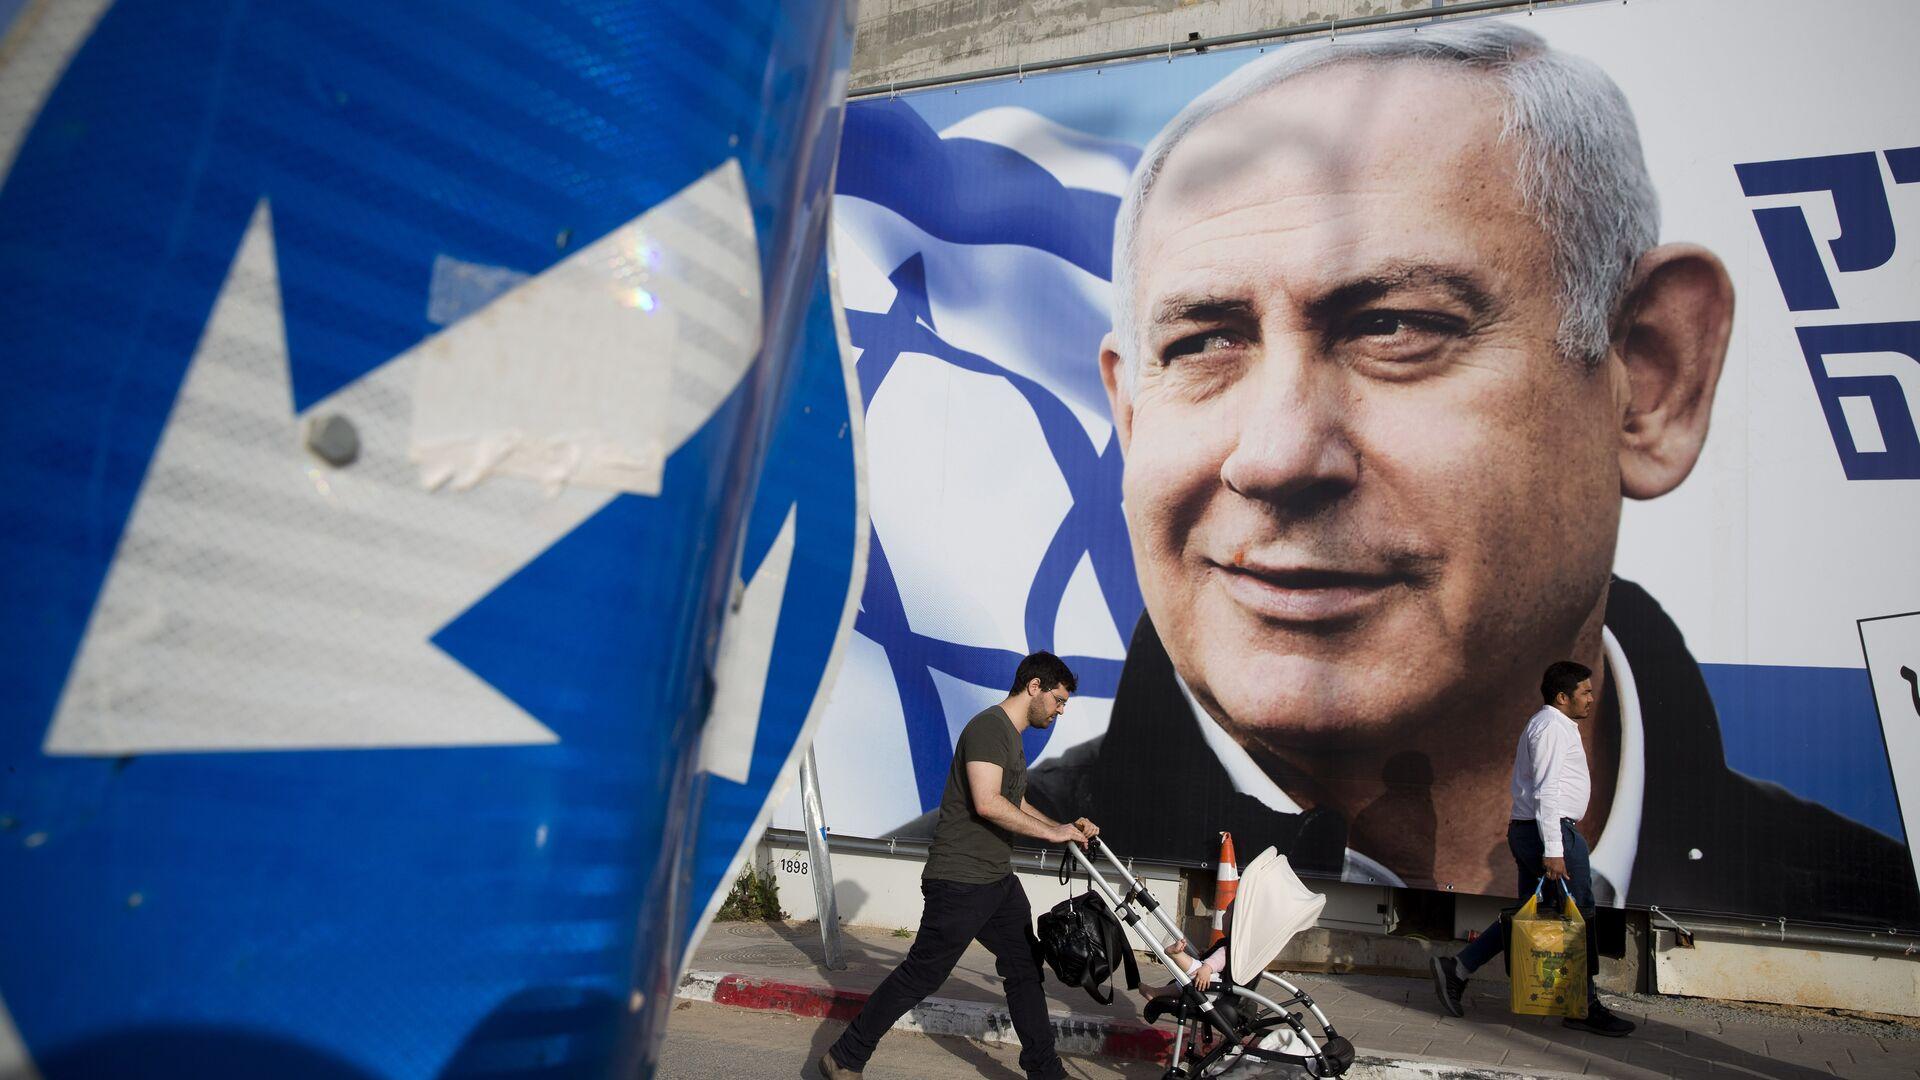 Póster preelectoral del partido Likud y su líder Benjamín Netanyahu, antes de las elecciones parlamentarias de Israel del 9 de abril de 2019 - Sputnik Mundo, 1920, 23.03.2021